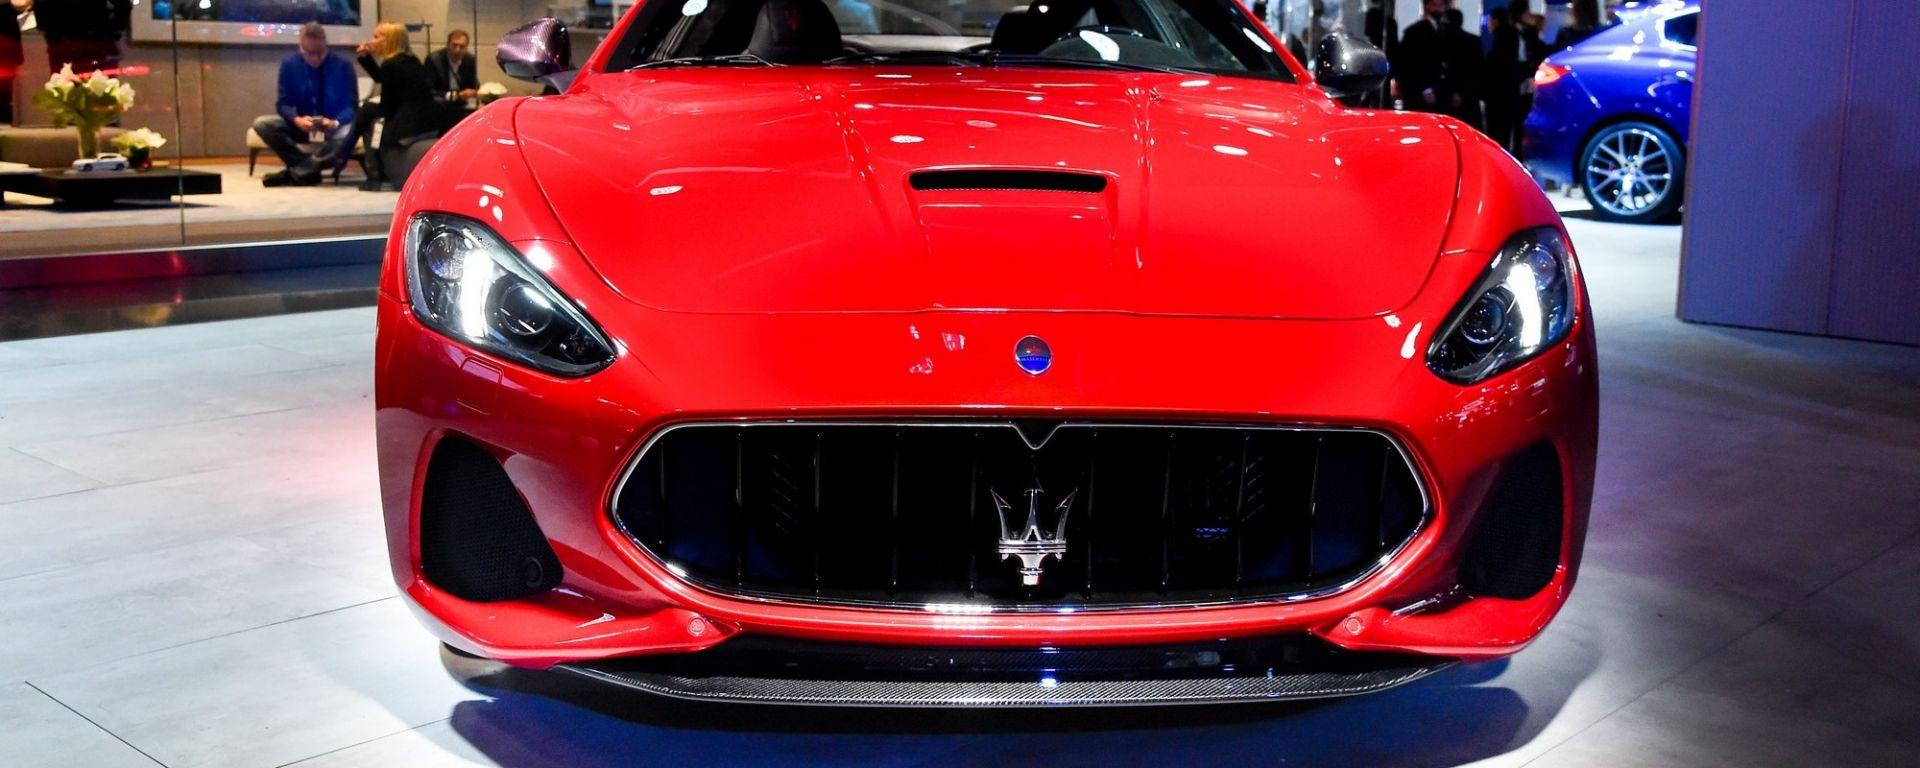 Maserati GranTurismo 2018: il restyling debutta in Europa al Salone di Francoforte 2017